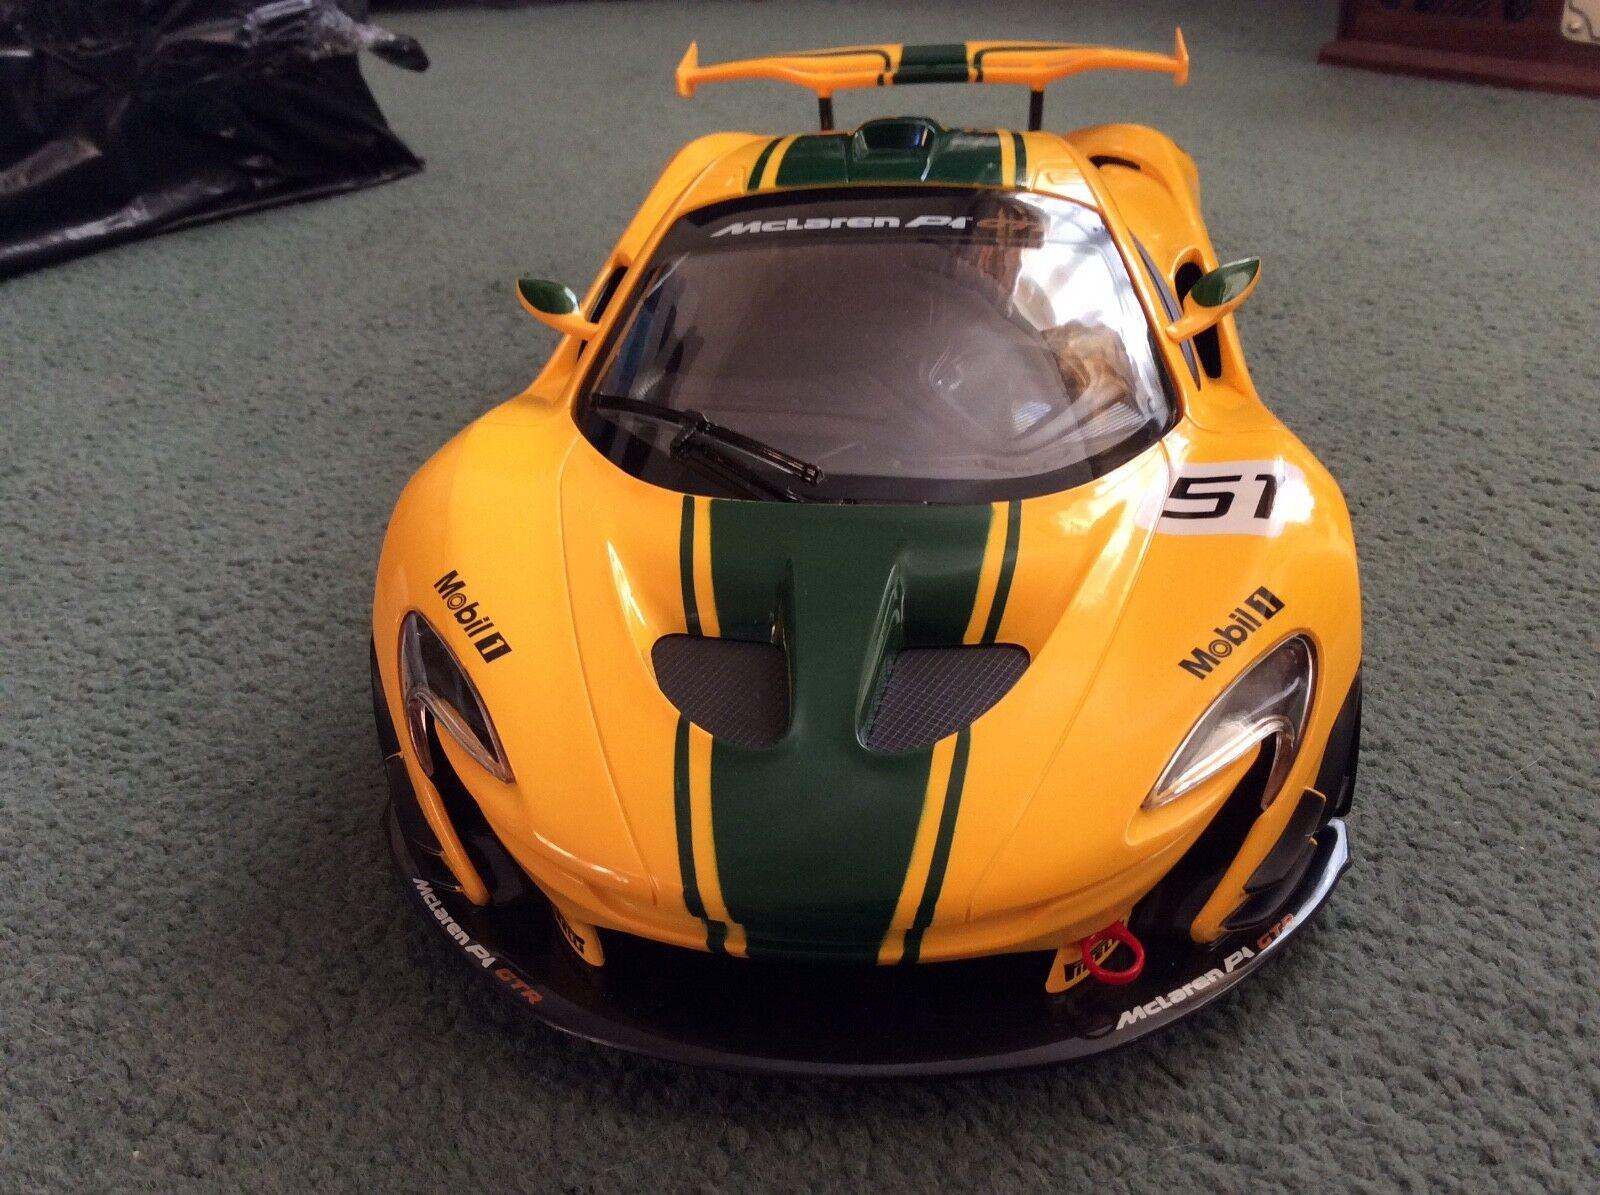 RC McLaren Car P1 GTR